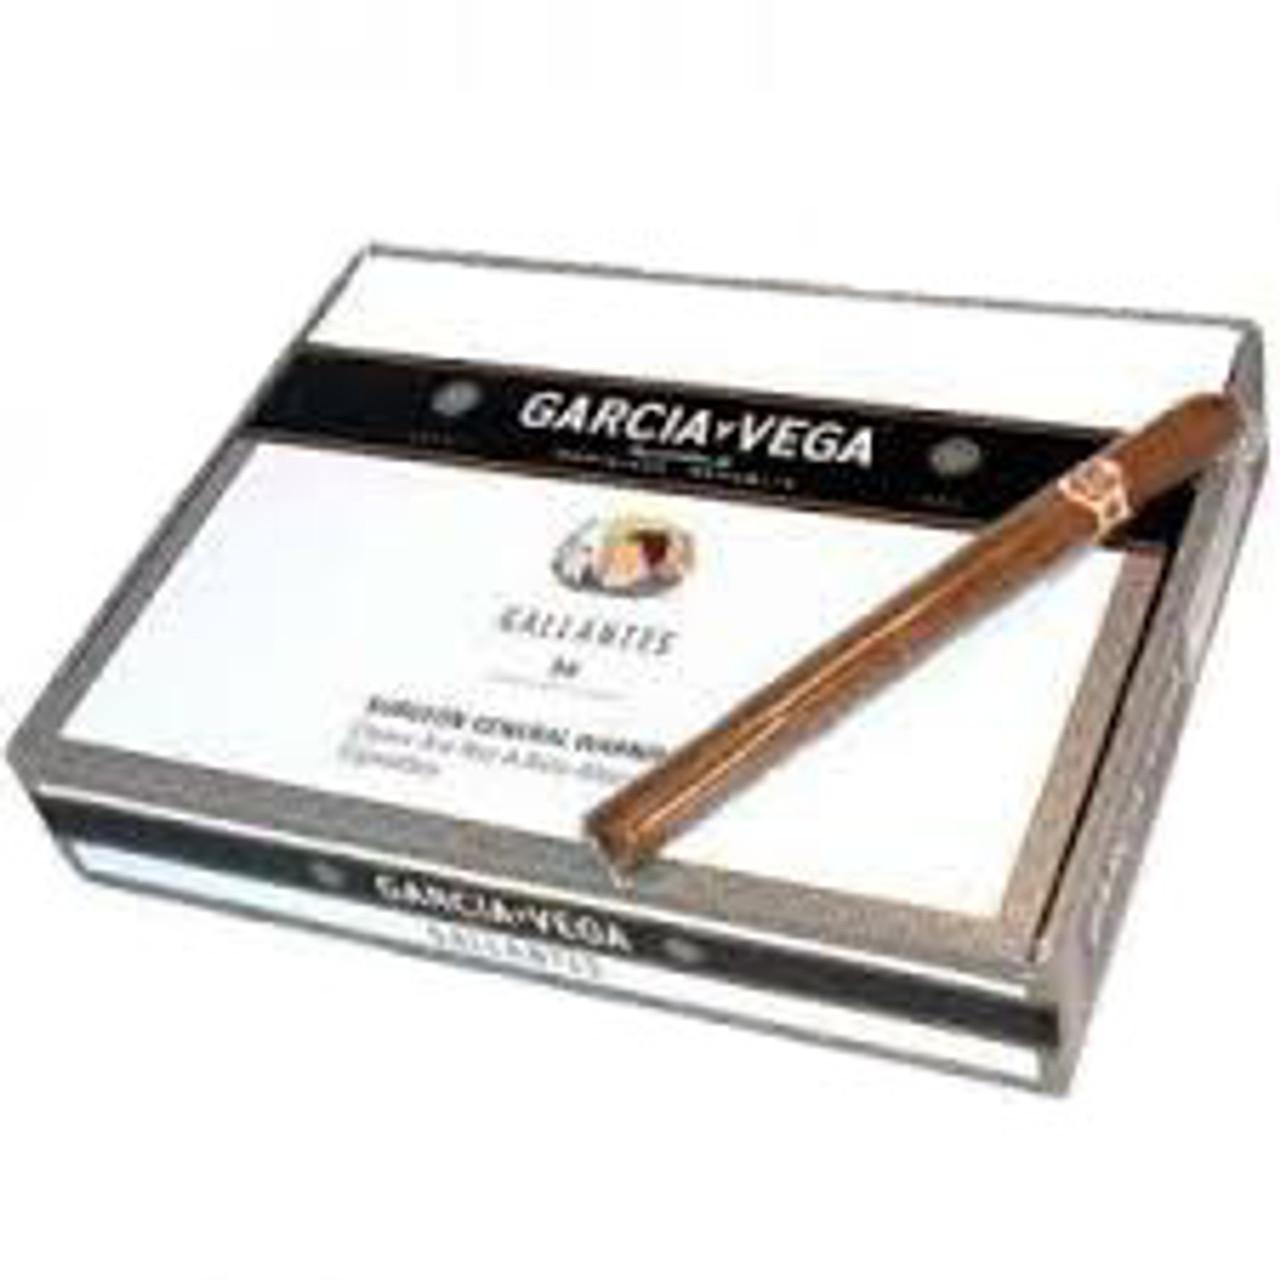 Garcia Y Vega Gallante Cigars (Box of 50) - Natural